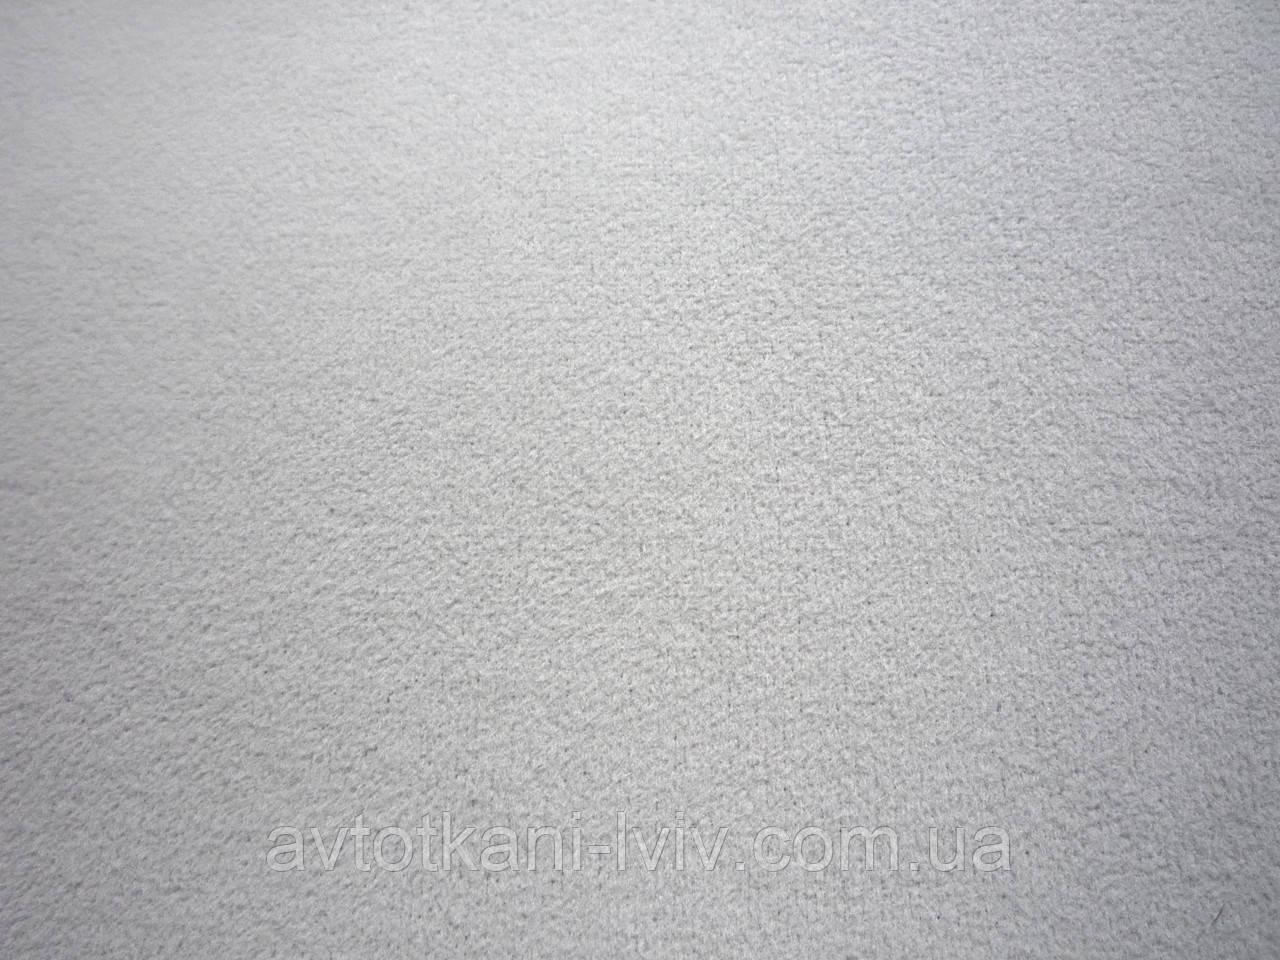 Ткань для обшивки потолка автомобиля,велюр однотонный.